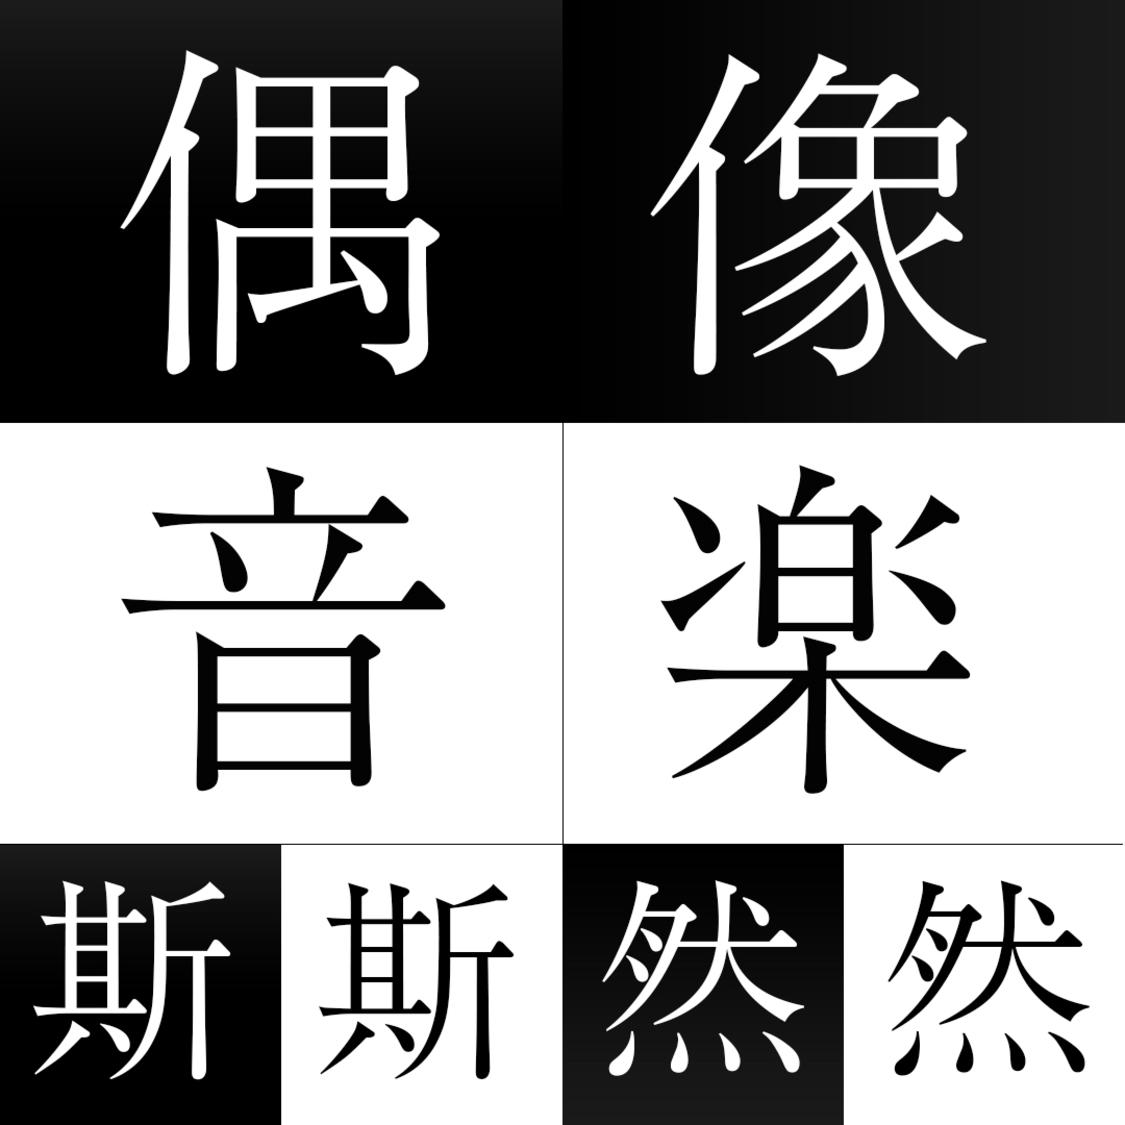 アイナ・ジ・エンド、夏焼雅と鈴木愛理、=LOVE野口…… アイドルが深化するシンガーとしての境地 「偶像音楽 斯斯然然」第51回